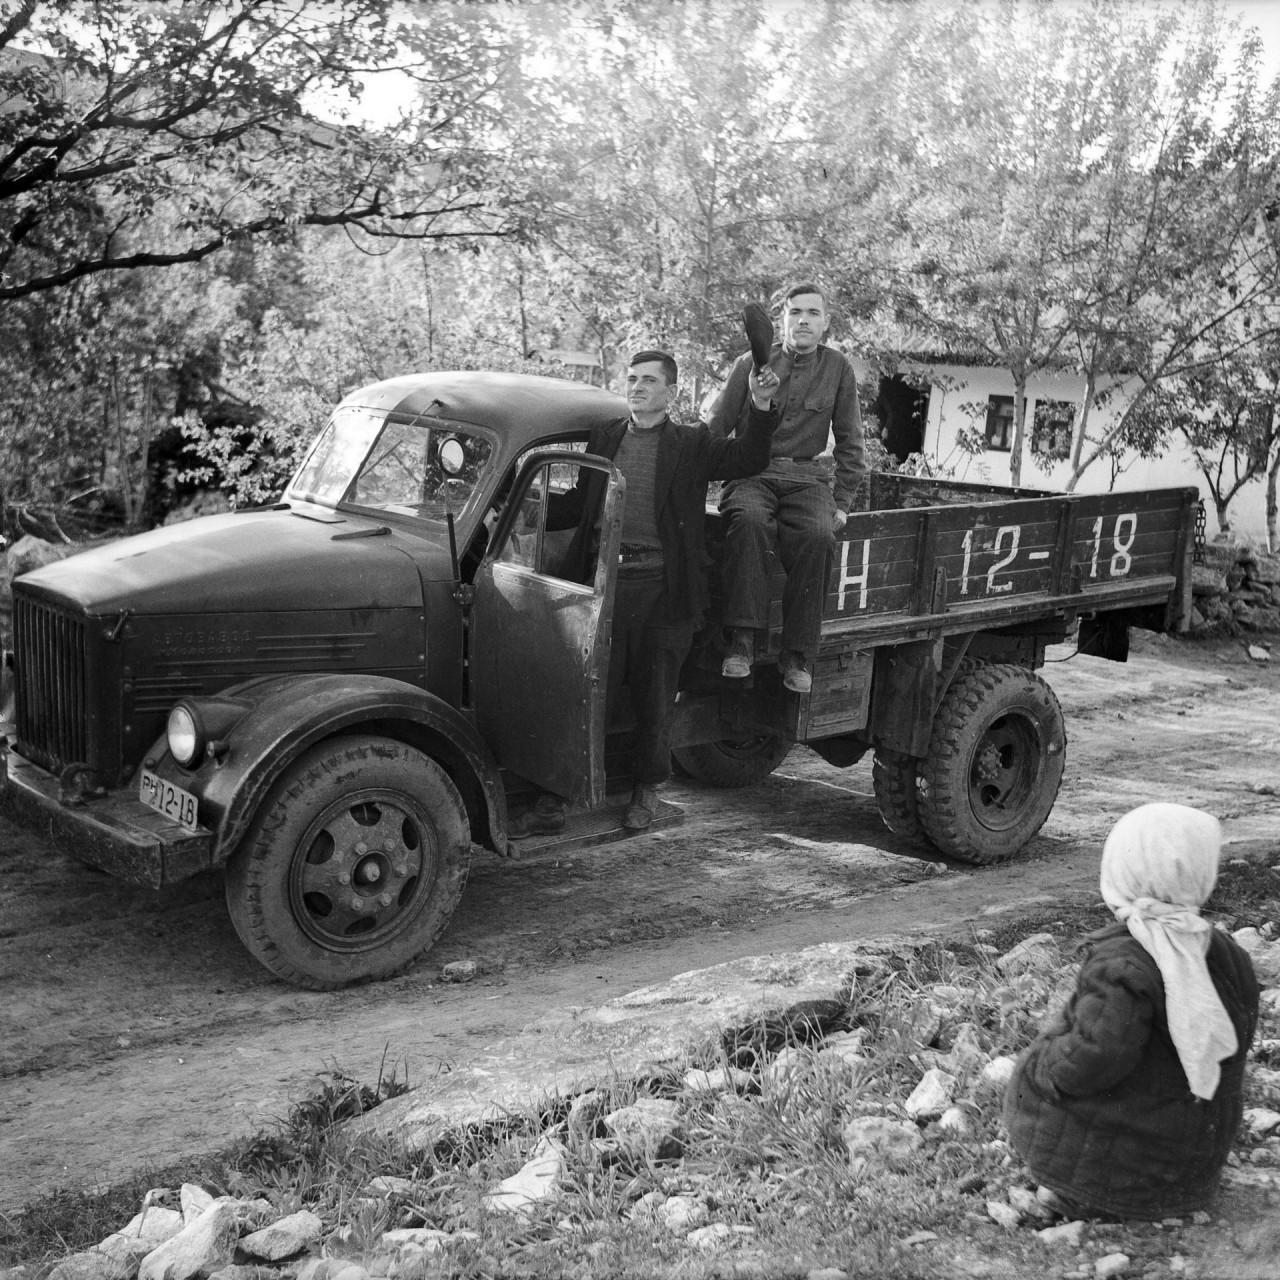 Архив снимков 1950-70-х годов молдавского фотографа Захарии Кушнира